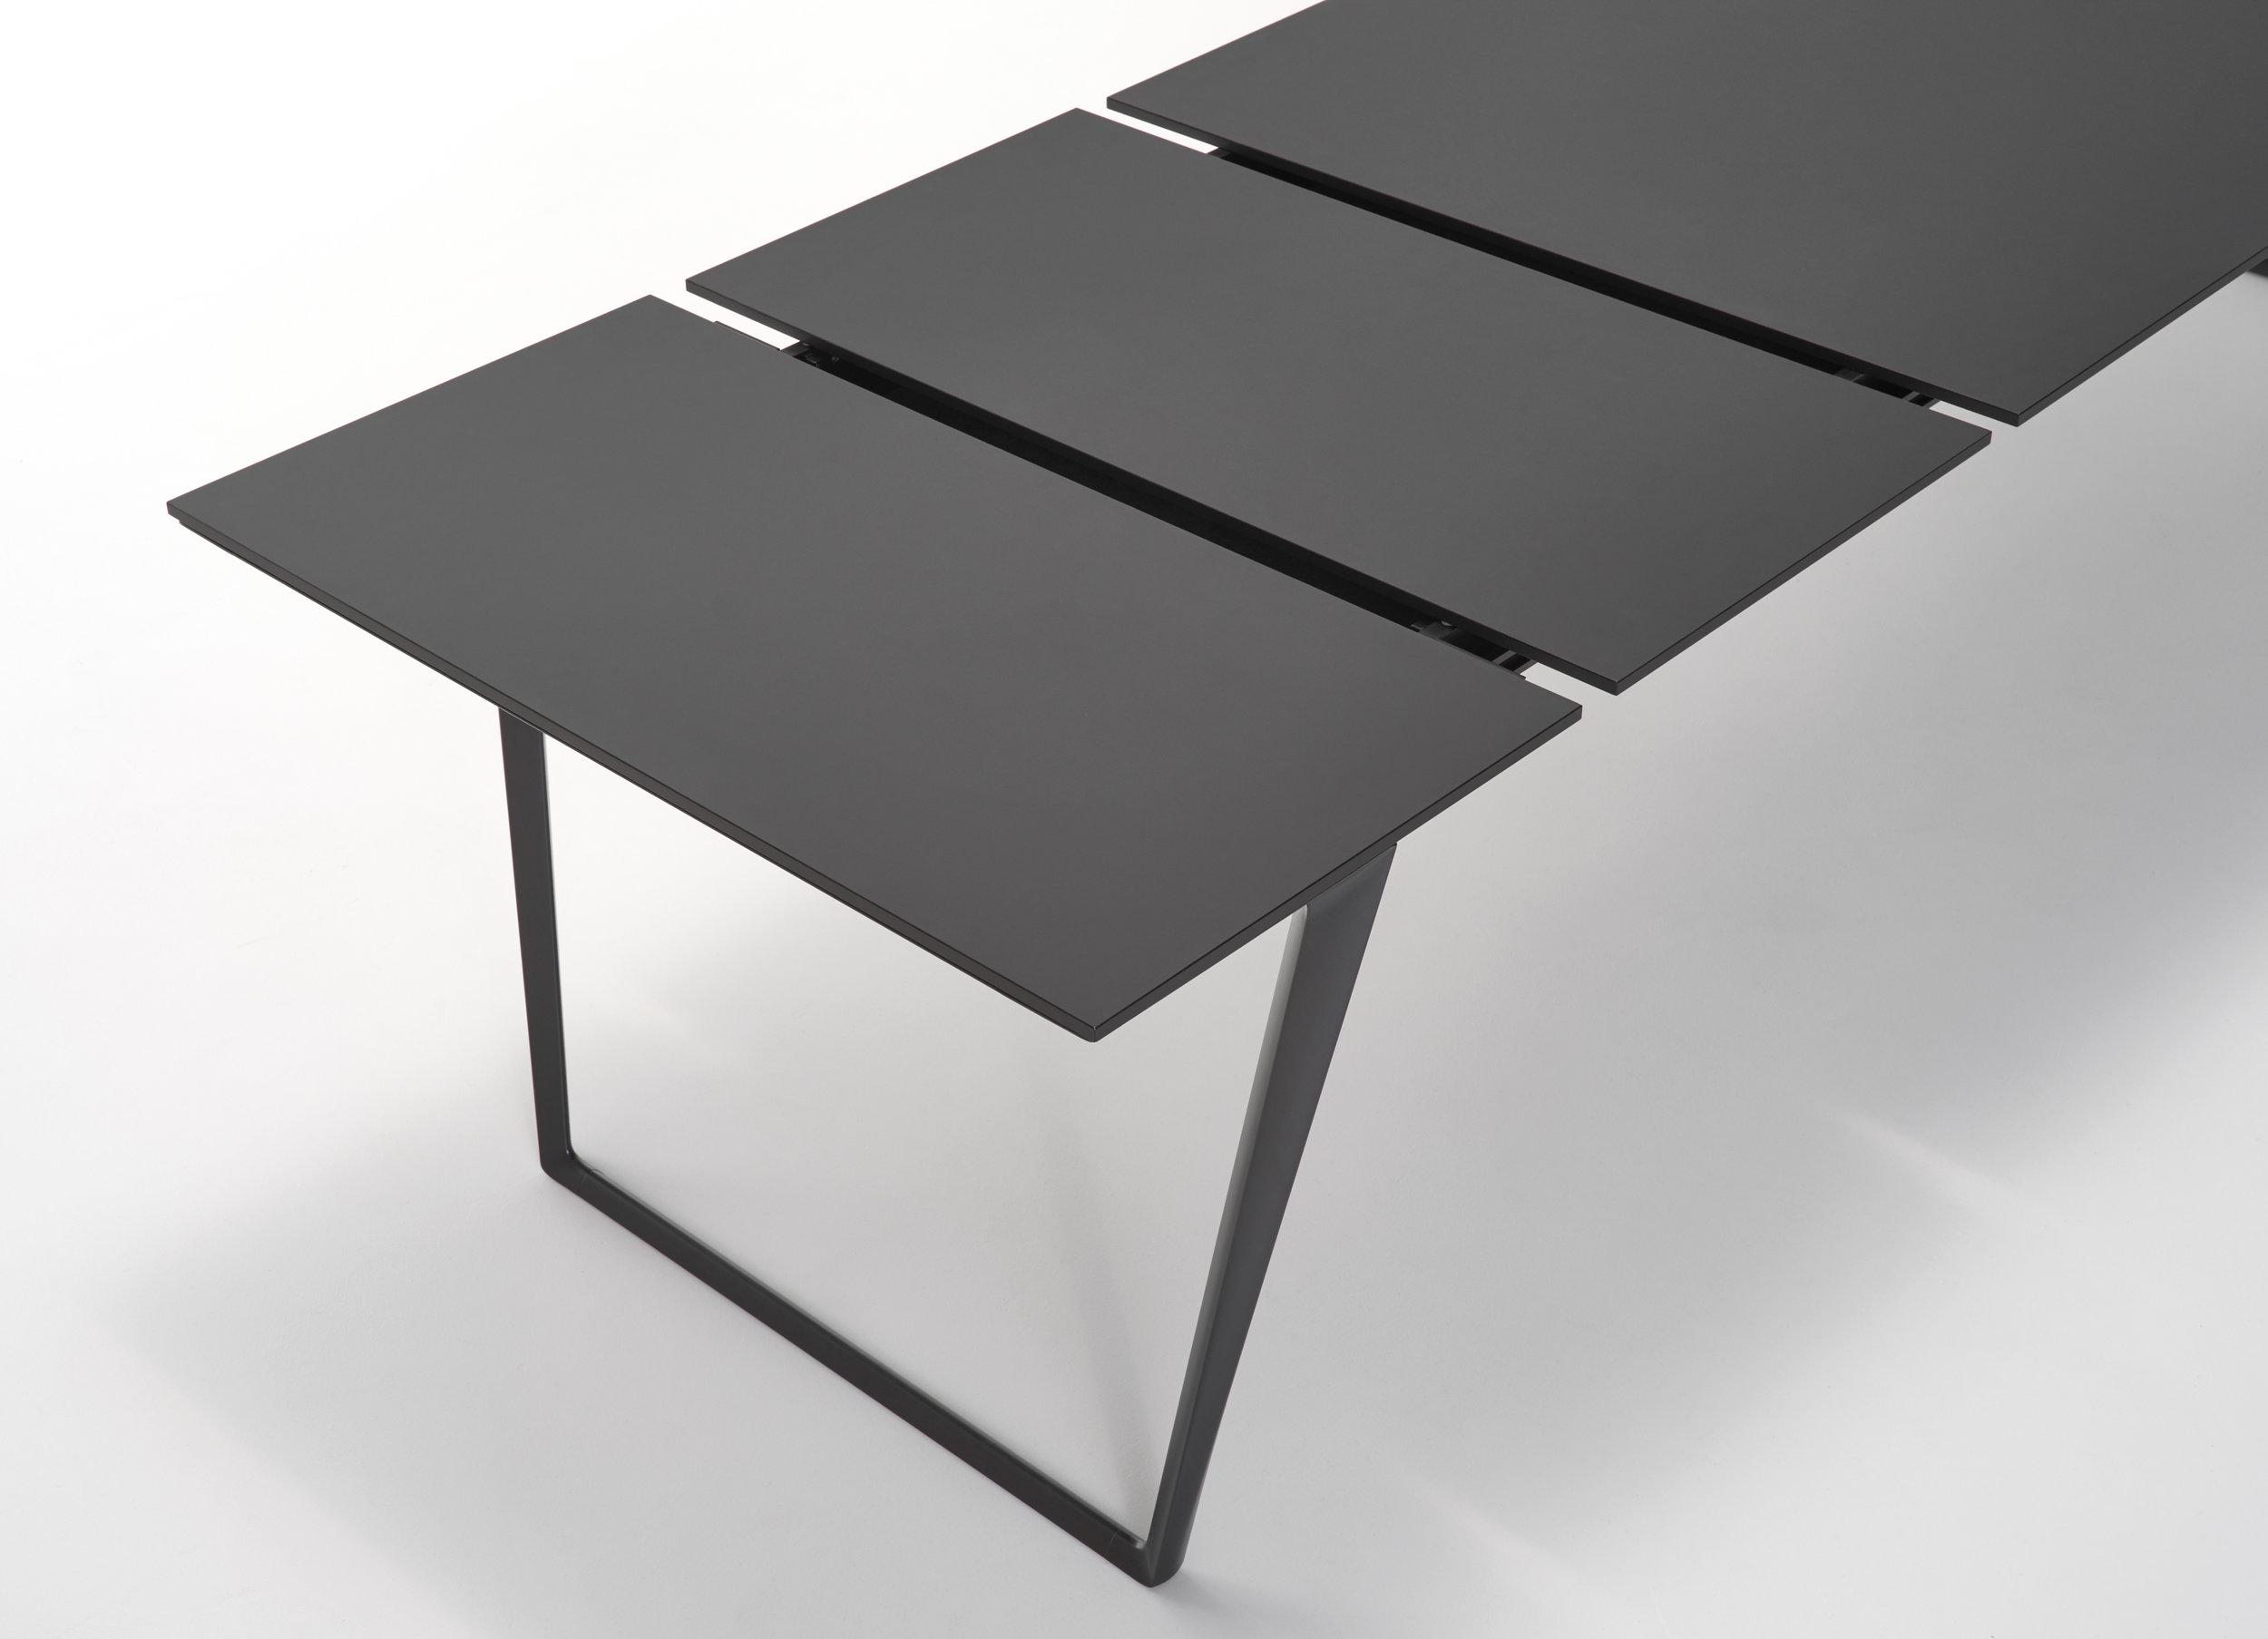 Axy MDF Italie bij design meubelwinkel  in Leuven Hasselt Limburg Brabant Zoutleeuw  design tafel verlengbaar.jpg